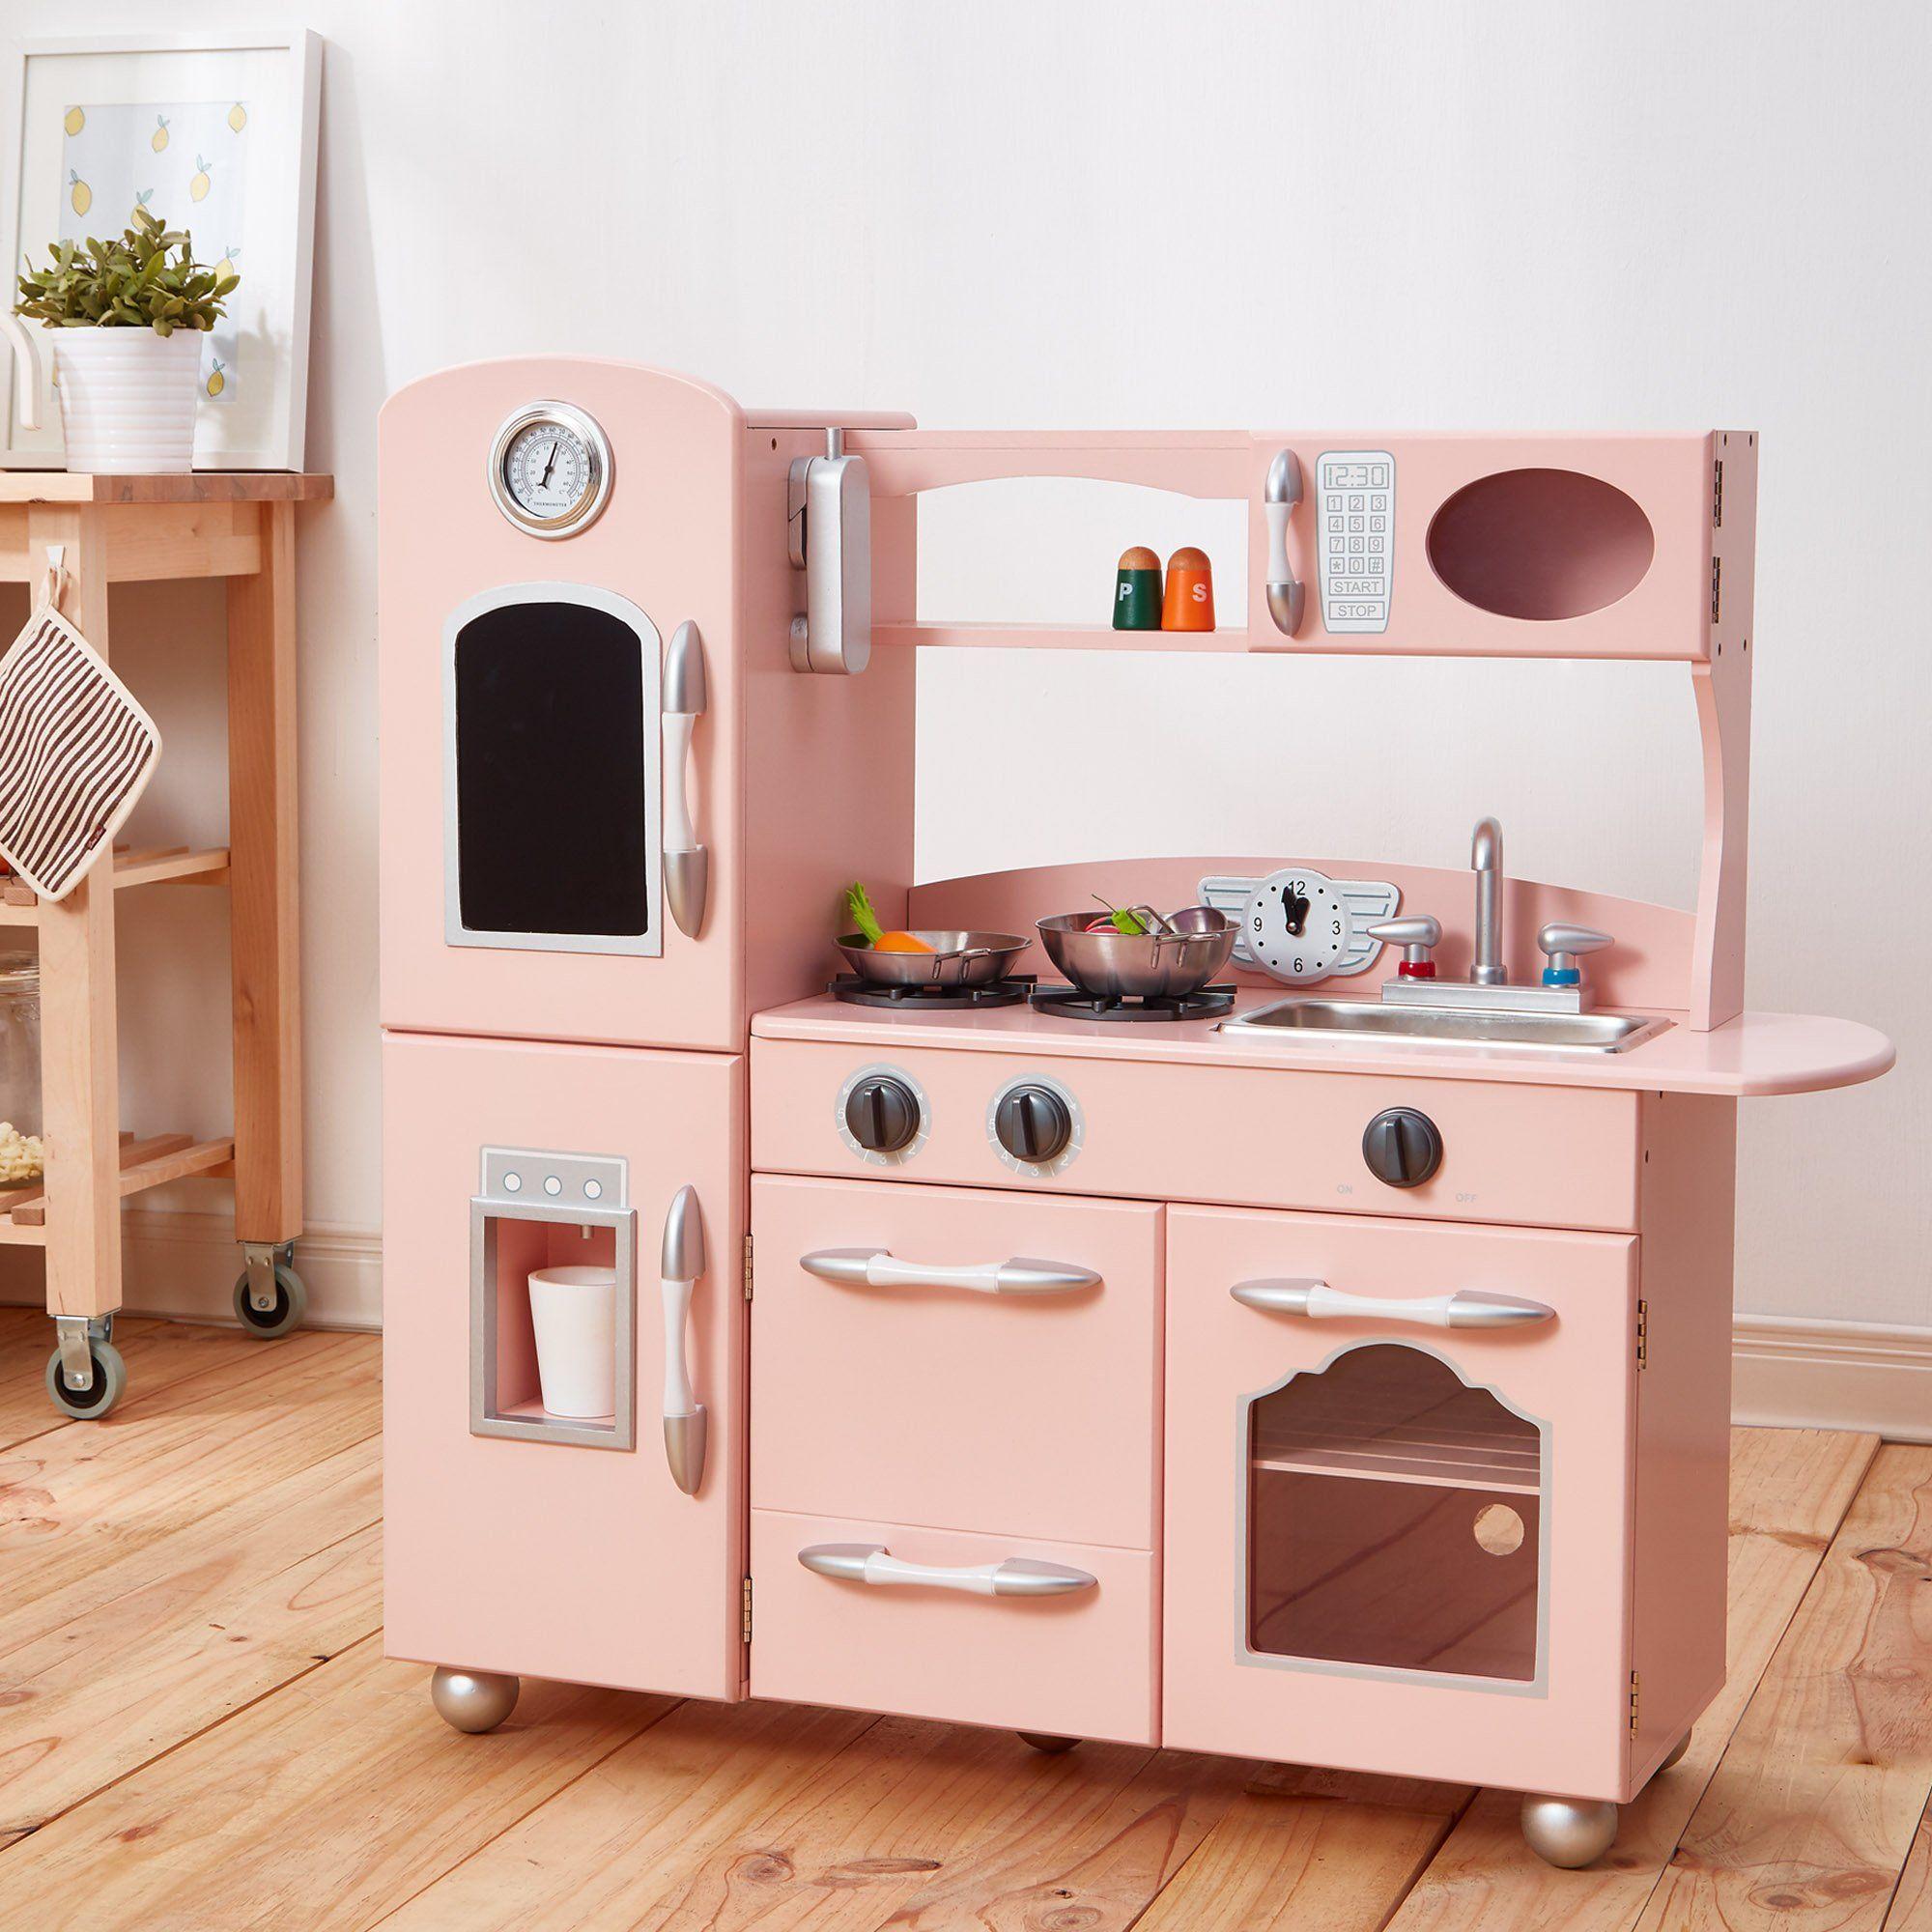 Teamson Kids Różowa kuchnia dla dzieci, kuchnia do zabawy, kuchnia drewniana TD-11414P